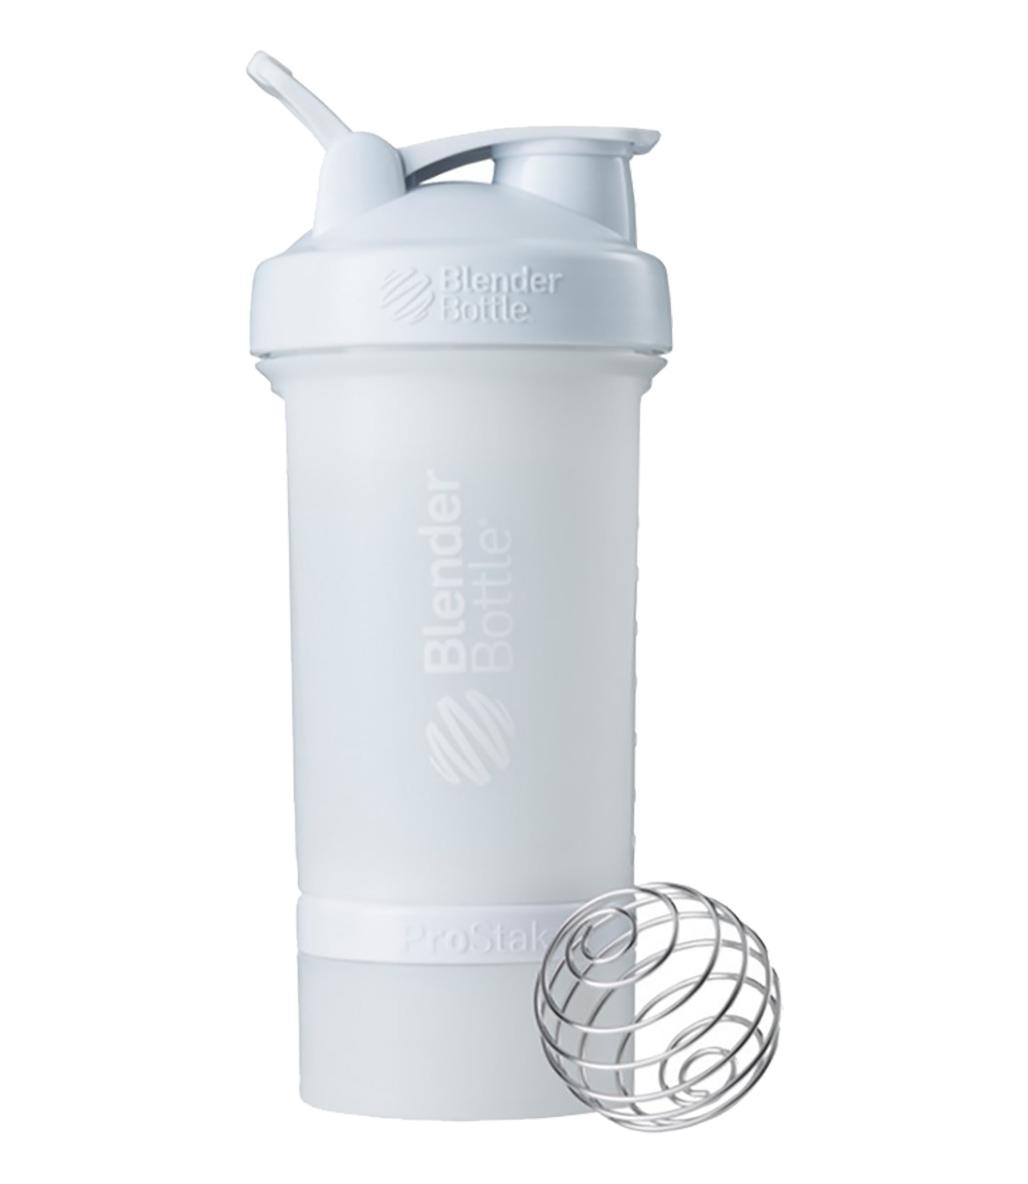 Blender Bottle Prostak Beyaz 450 Ml